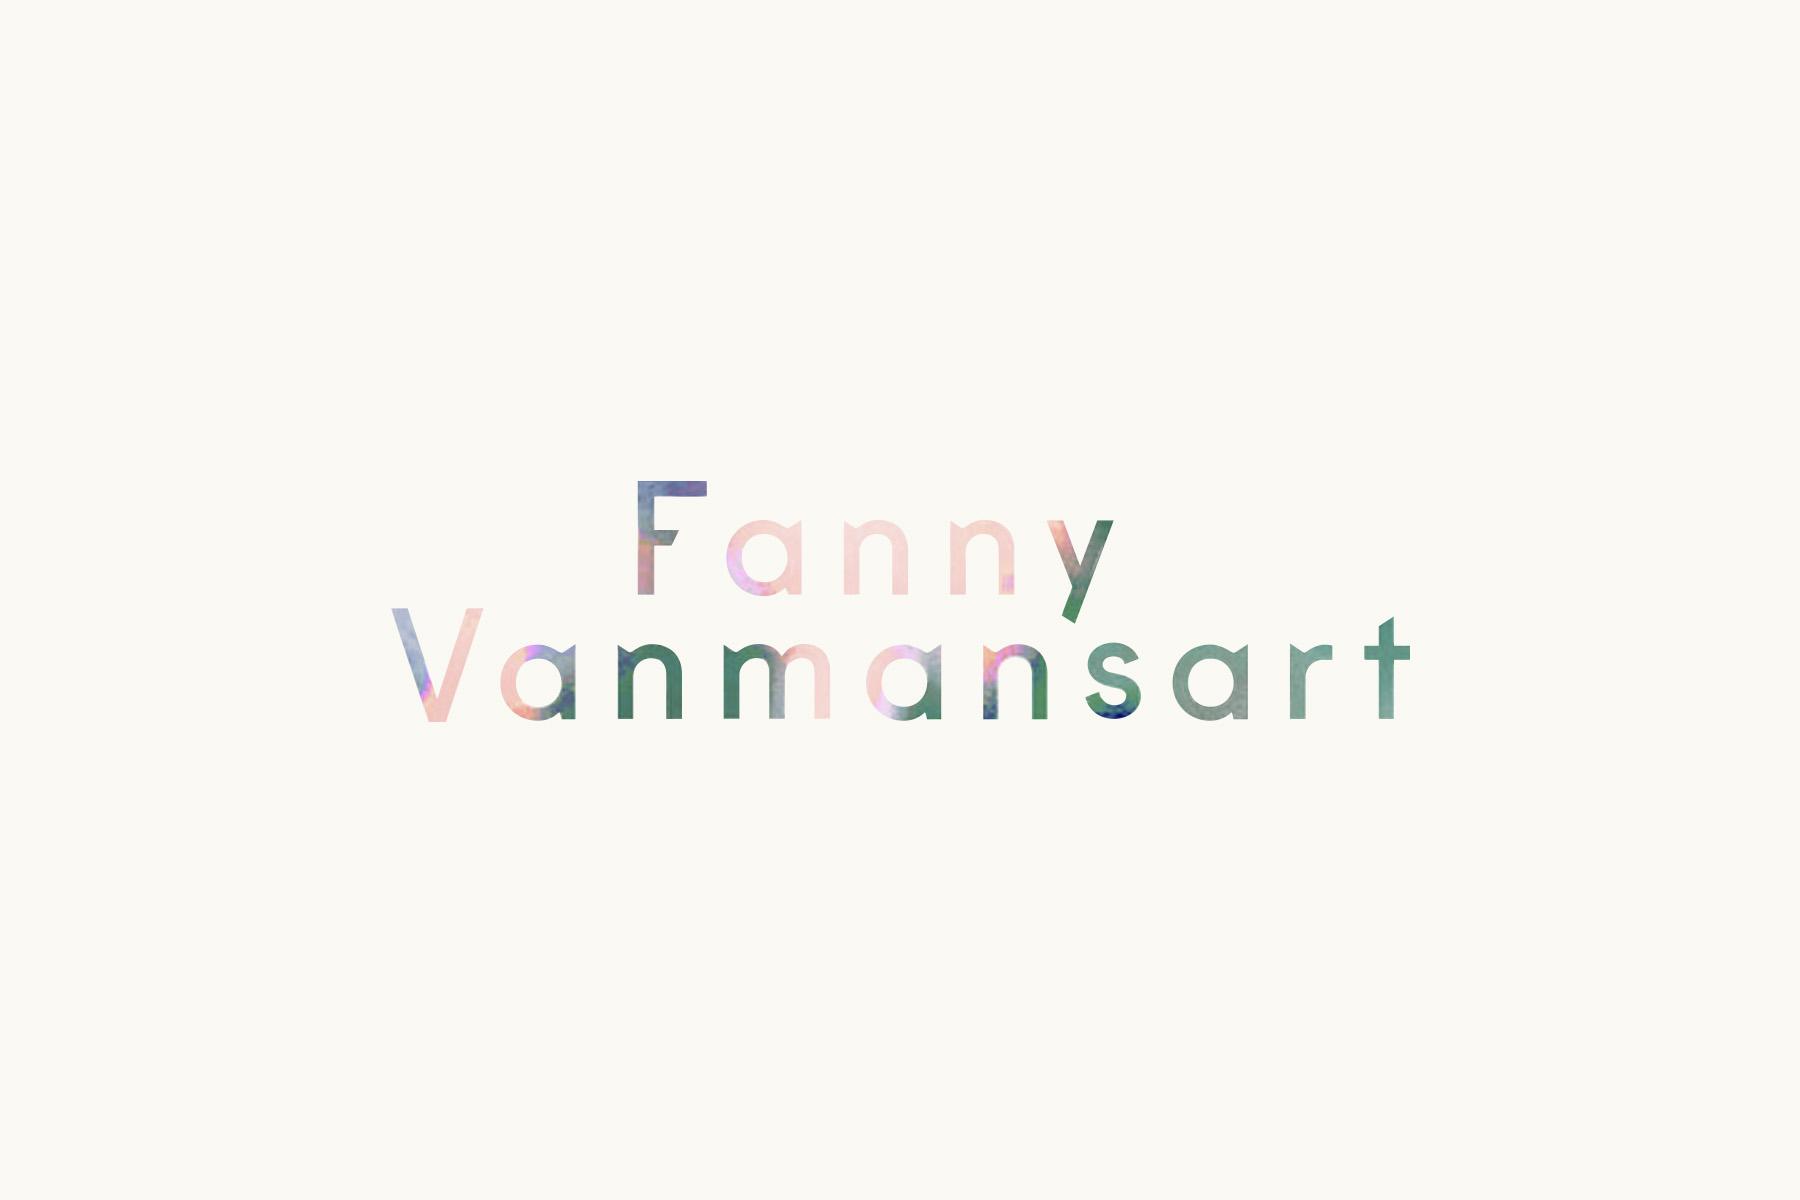 fanny_ok